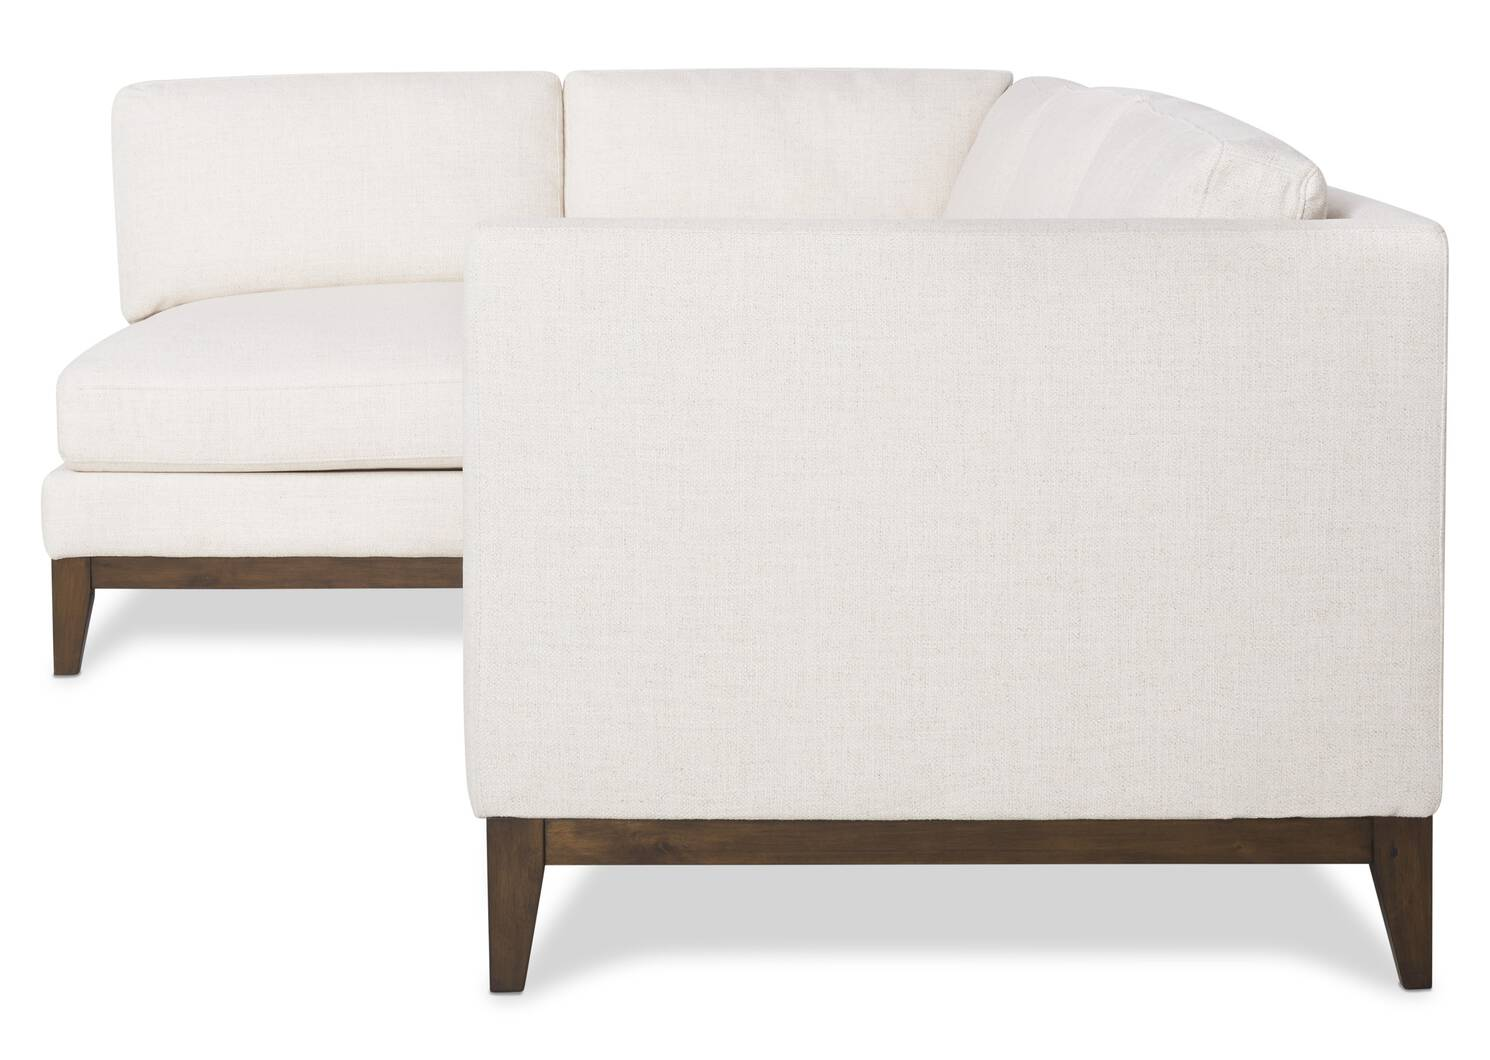 Canapé modulaire Hartley -Zeile lin, g.